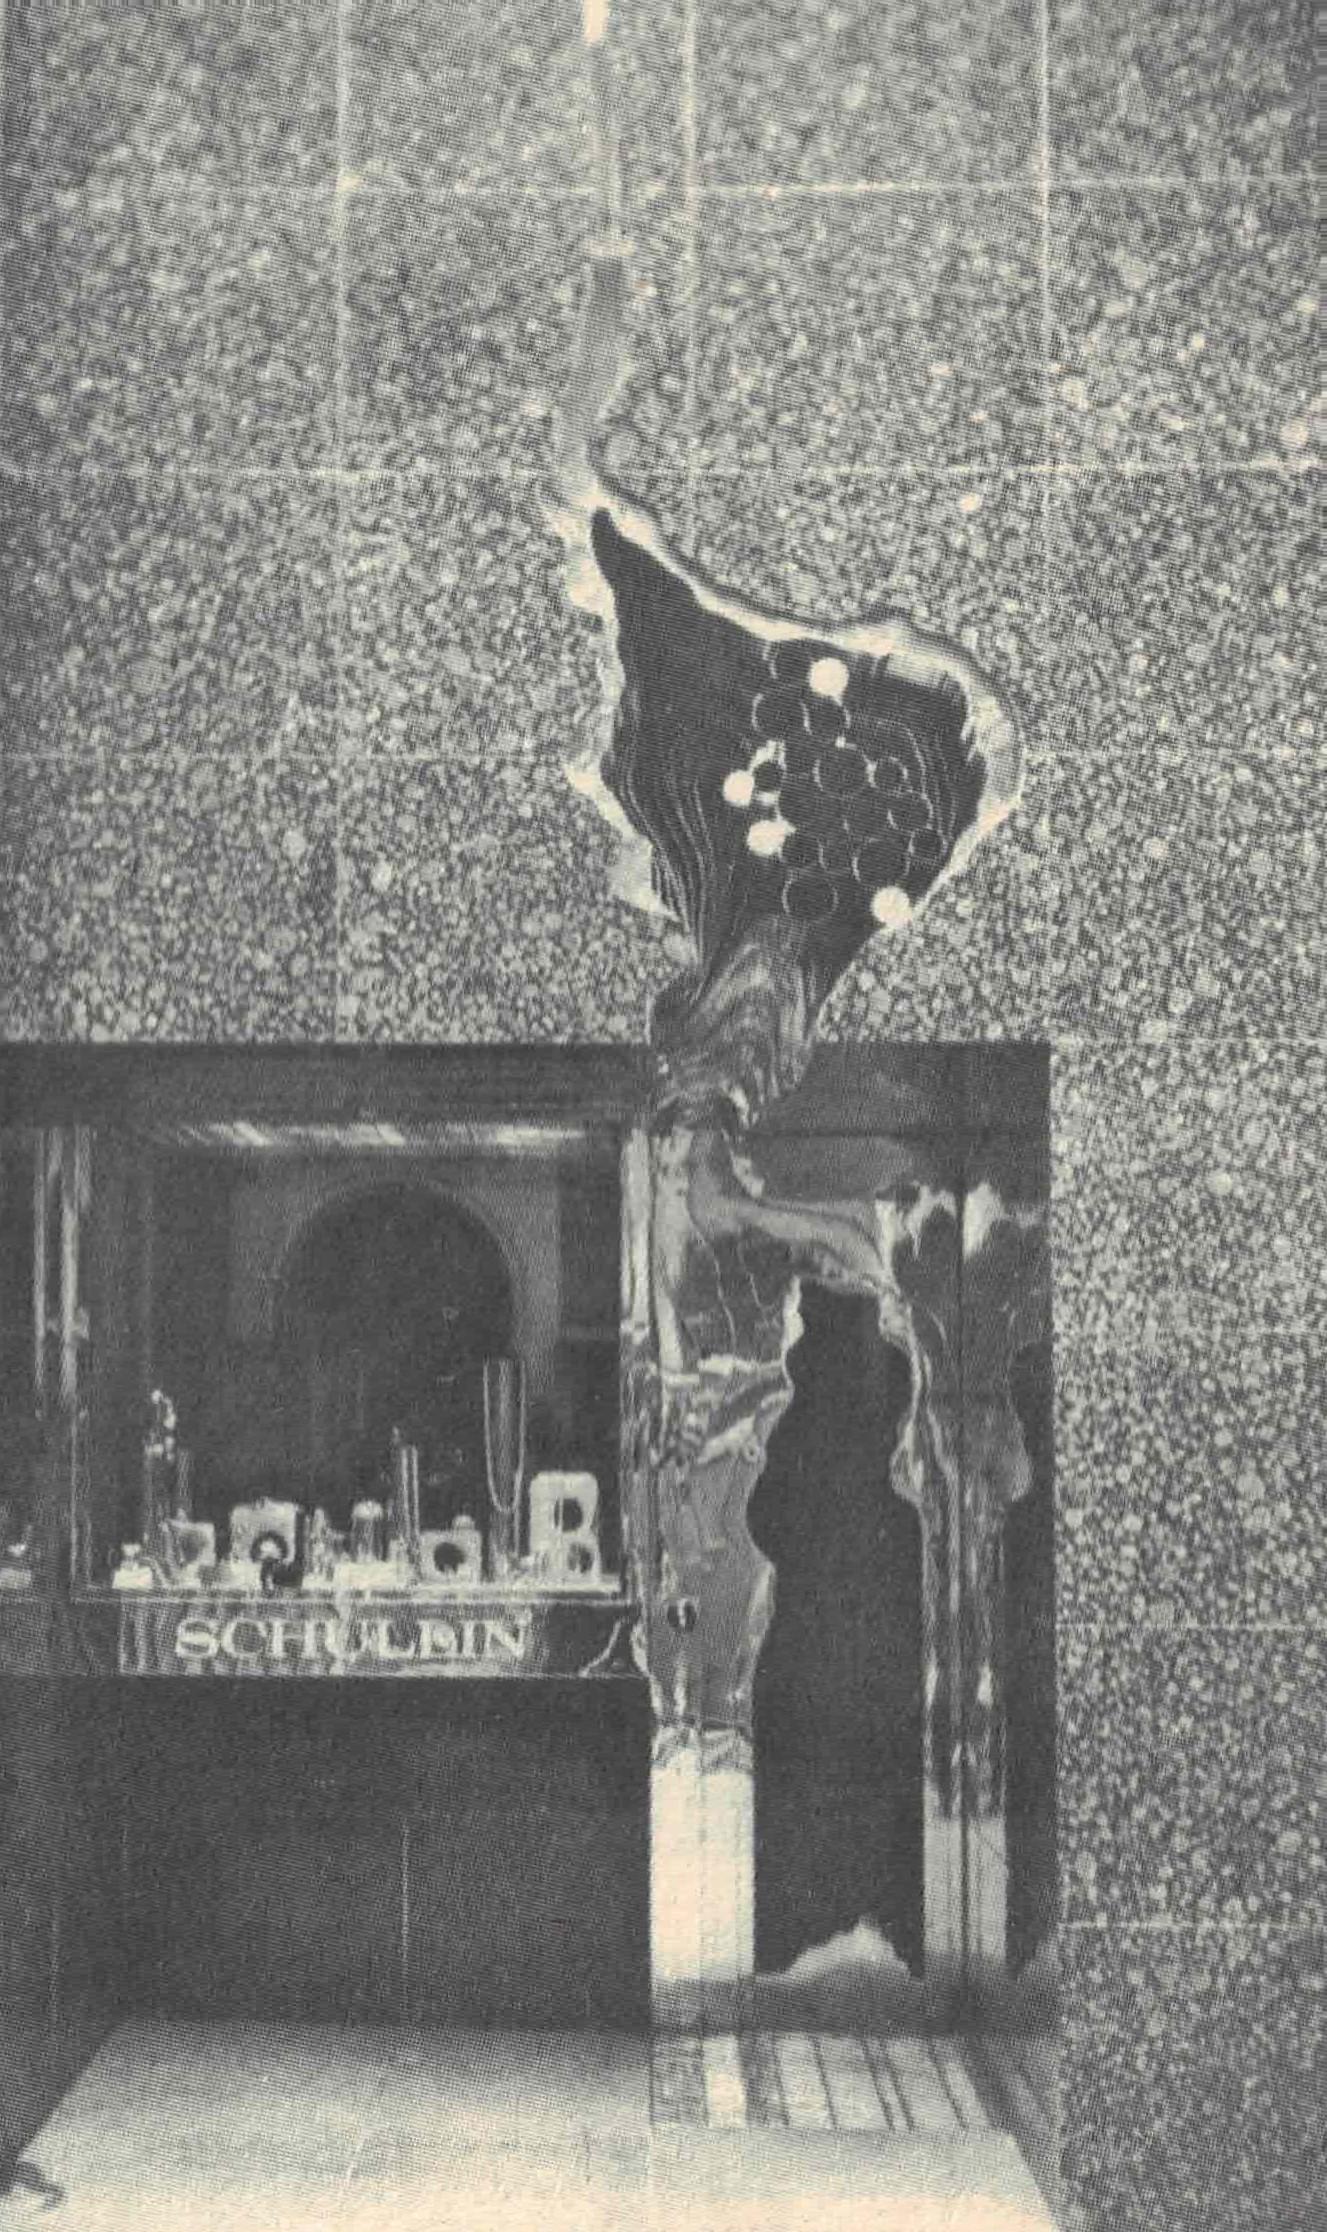 Figura 5. Hans Hollein, Joalheria, Viena, 1975